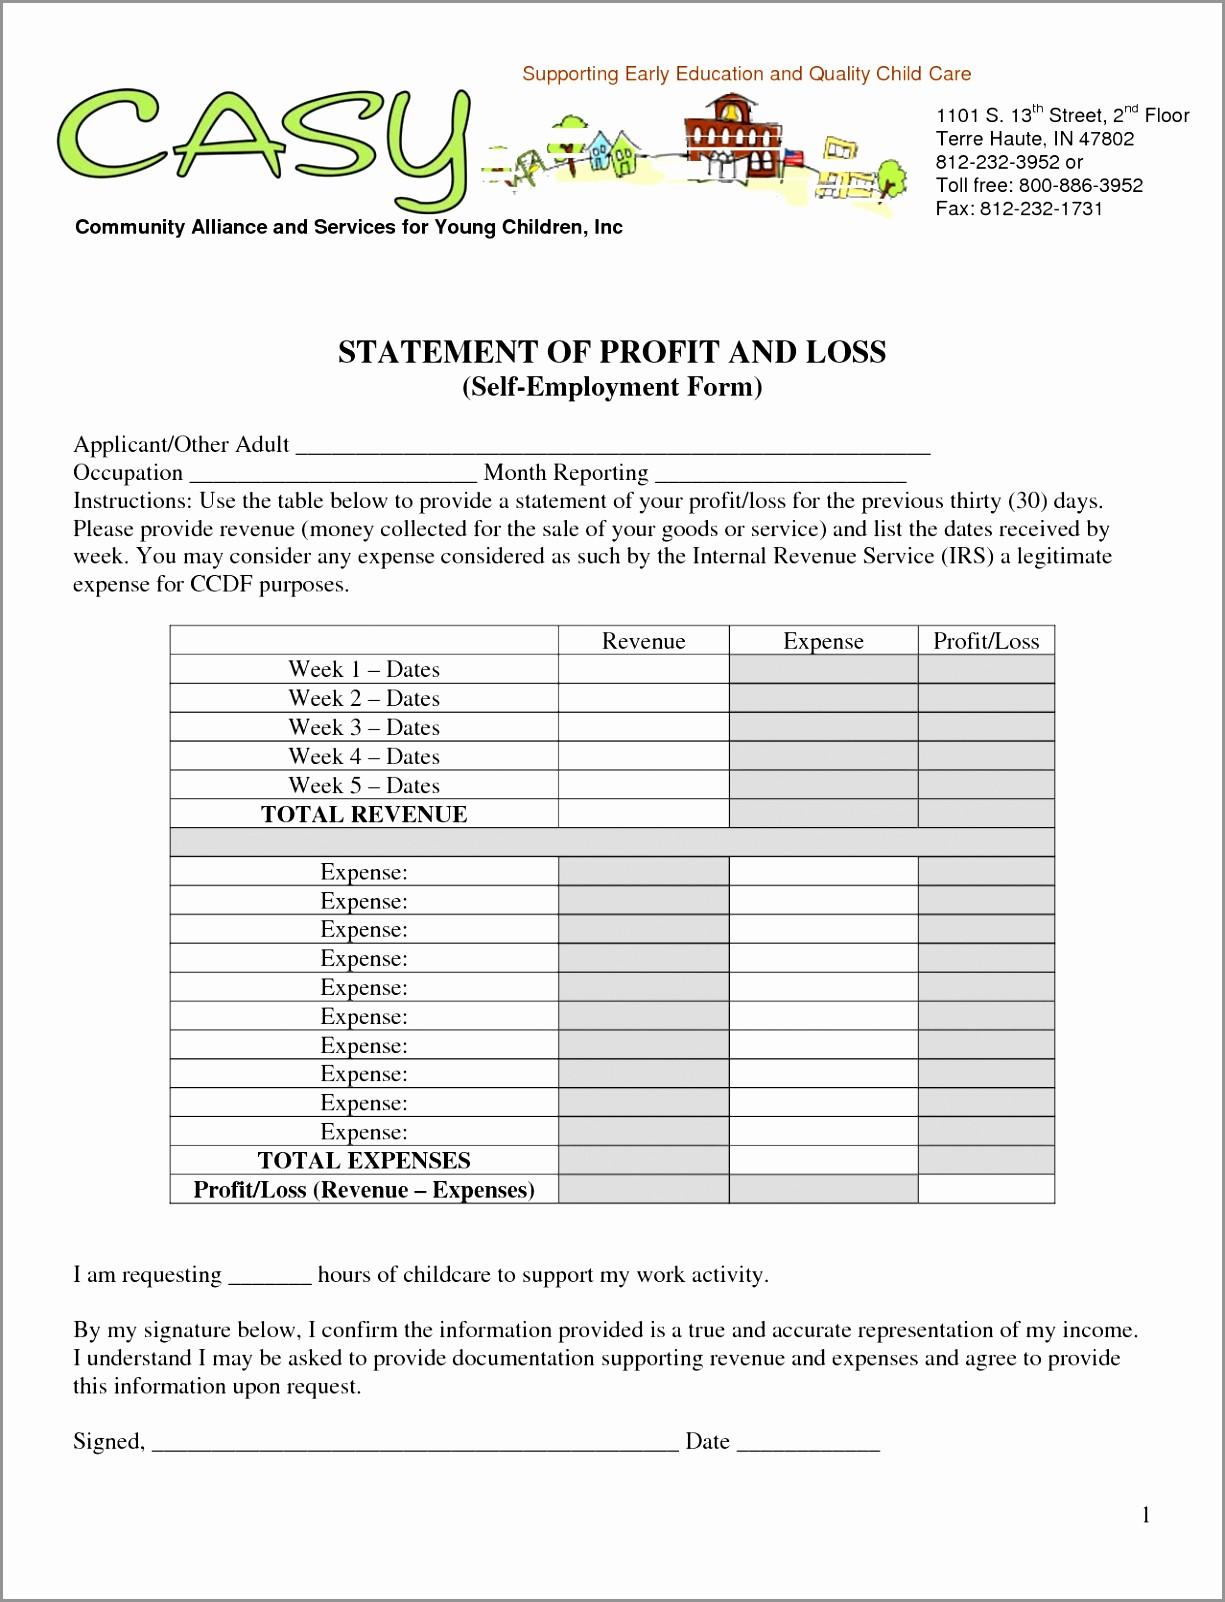 Profit Loss Statement Template Excel Inspirational 5 Sample Profit and Loss Statement Excel Template Ptbre